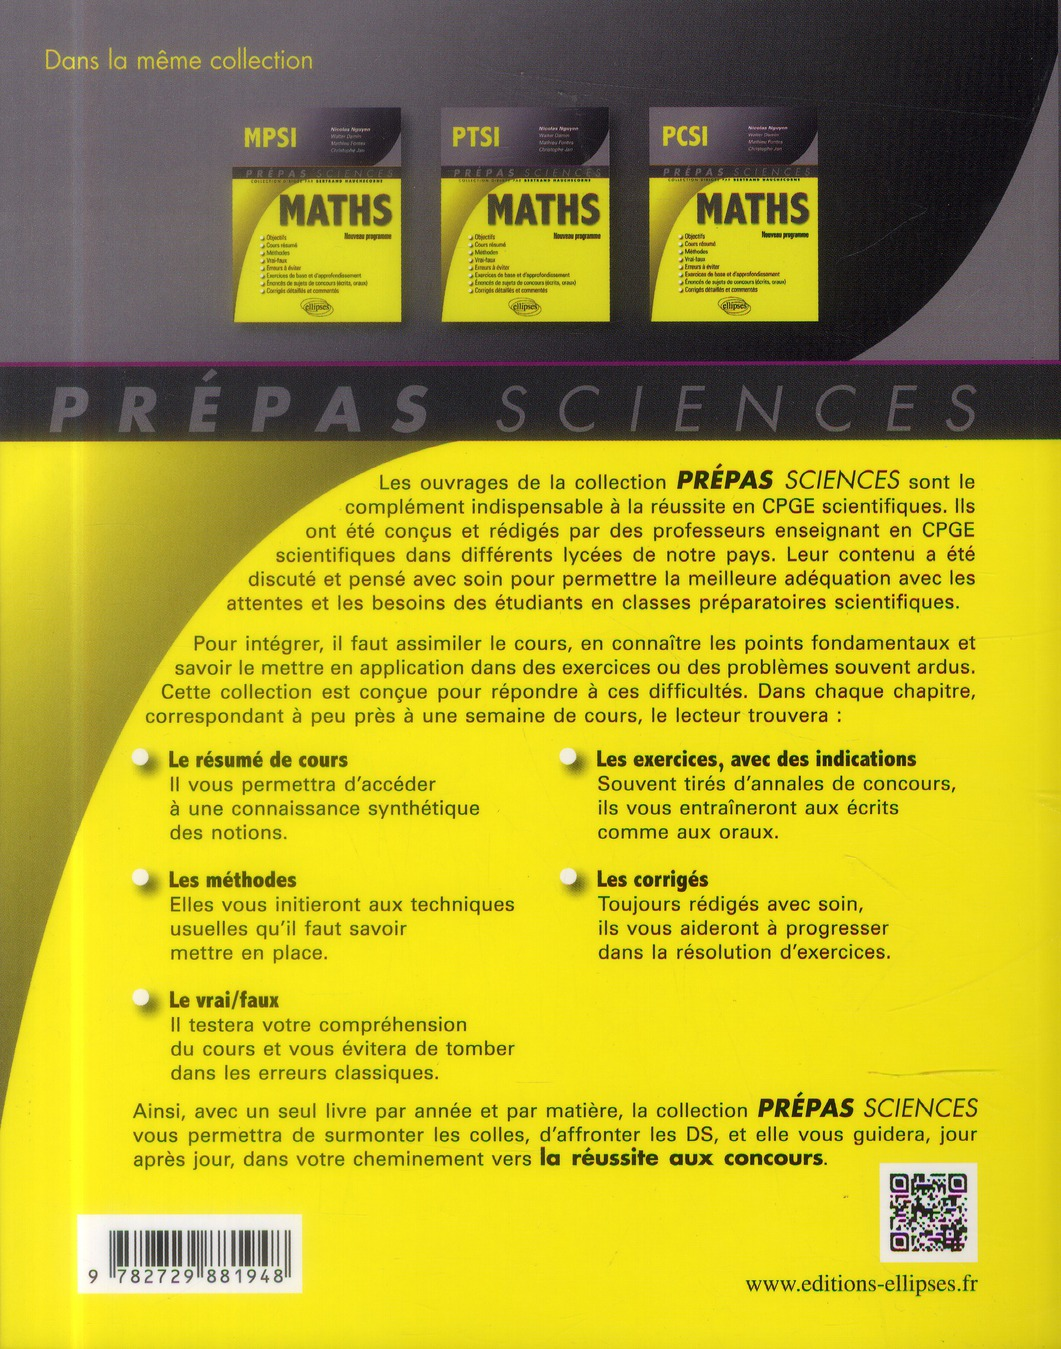 maths ; PTSI